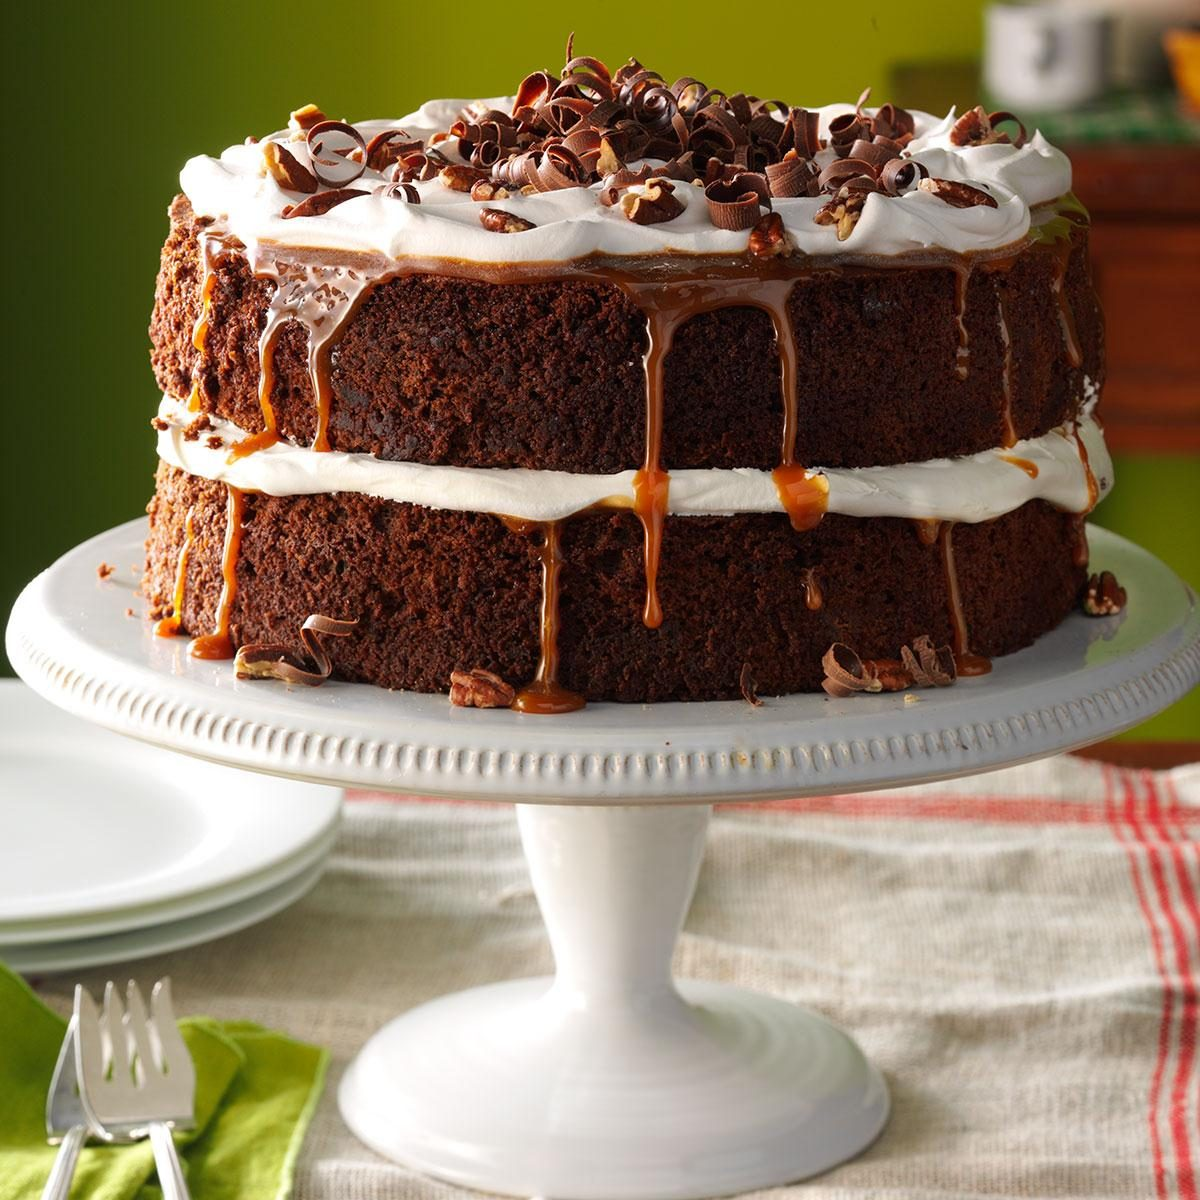 Caramel-Pecan Mocha Layer Cake